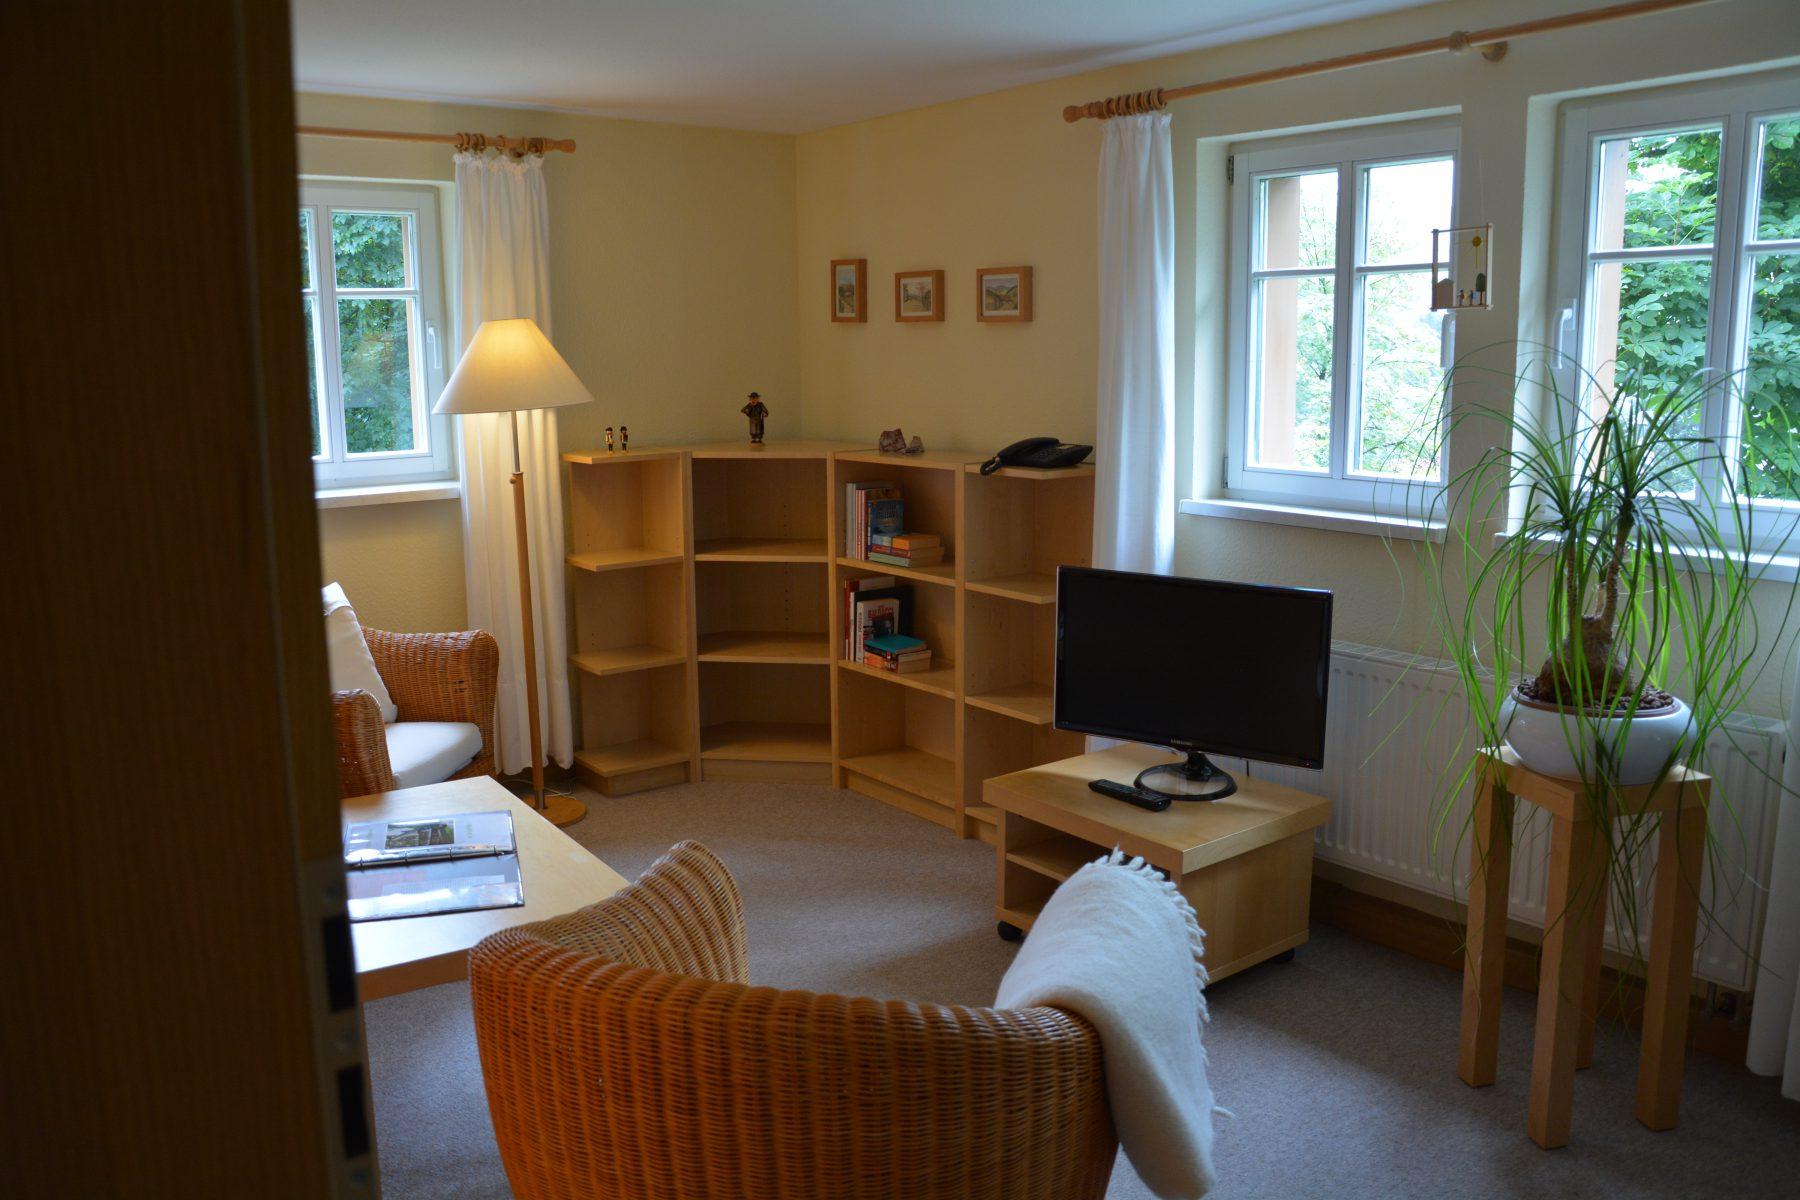 Ferienwohnung im Verlegerhaus Seiffen Kategorie N1c Detail Wohnzimmer